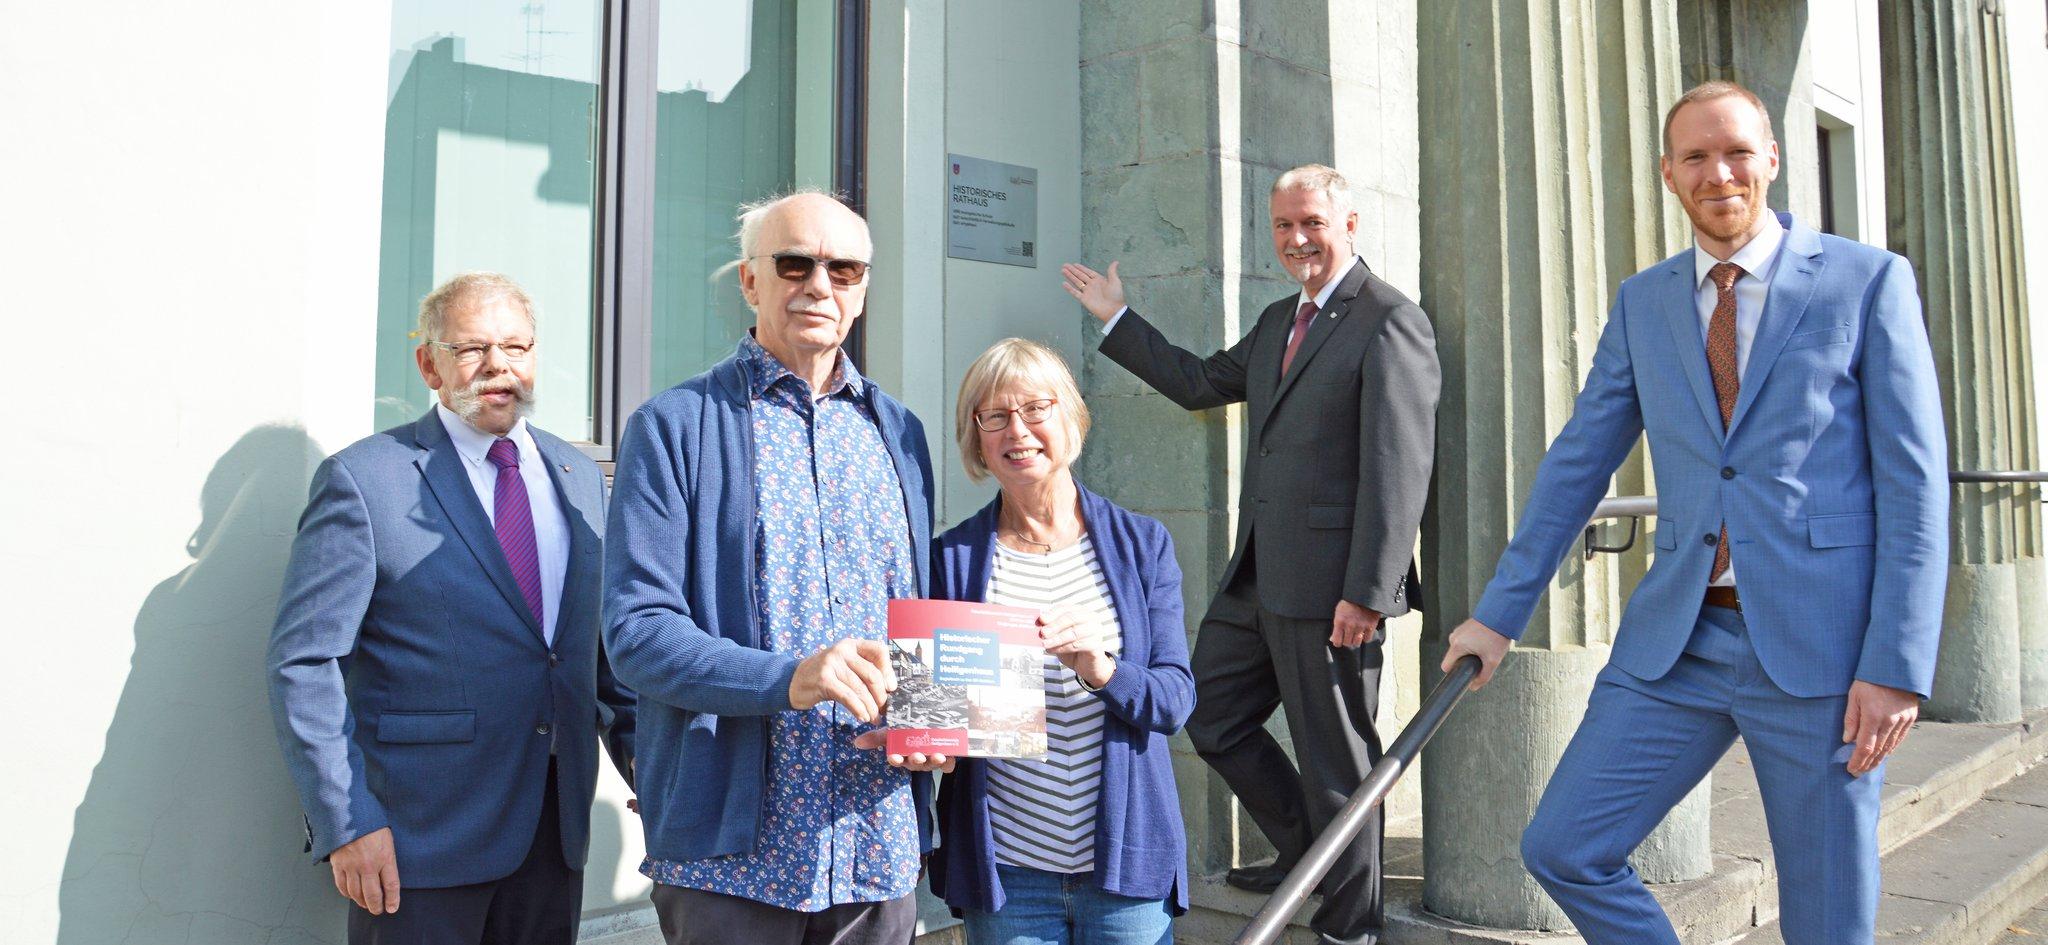 Municipal , Construction and Equality of Country NRW: Heiligenhauser Geschichte wird modern aufbereitet - Heiligenhaus...